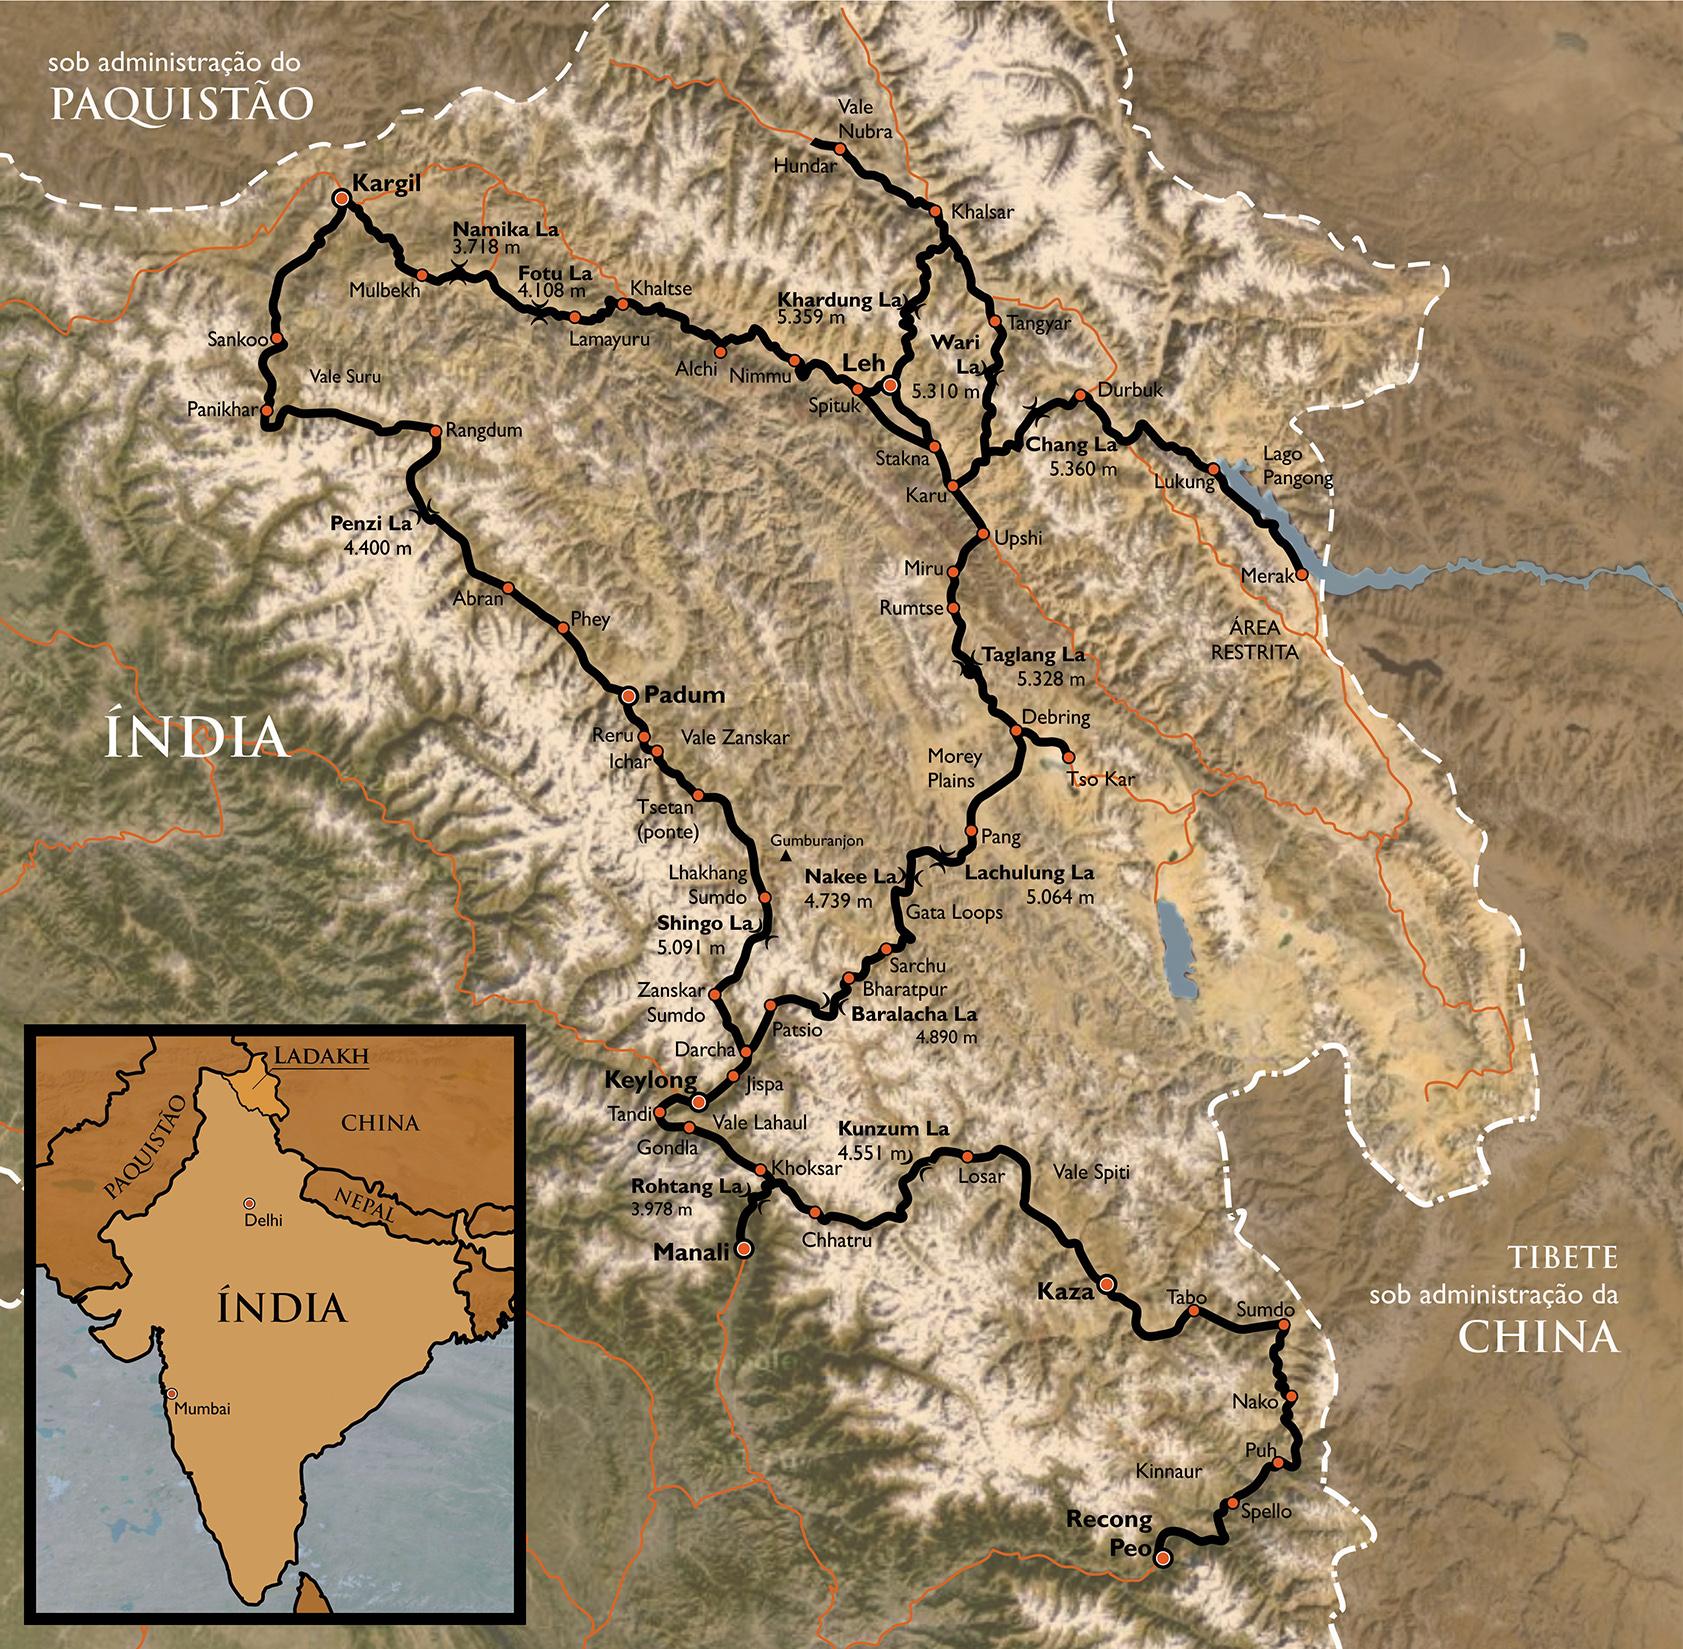 ... aqui para ver o mapa com nosso trajeto). 56c91675eae